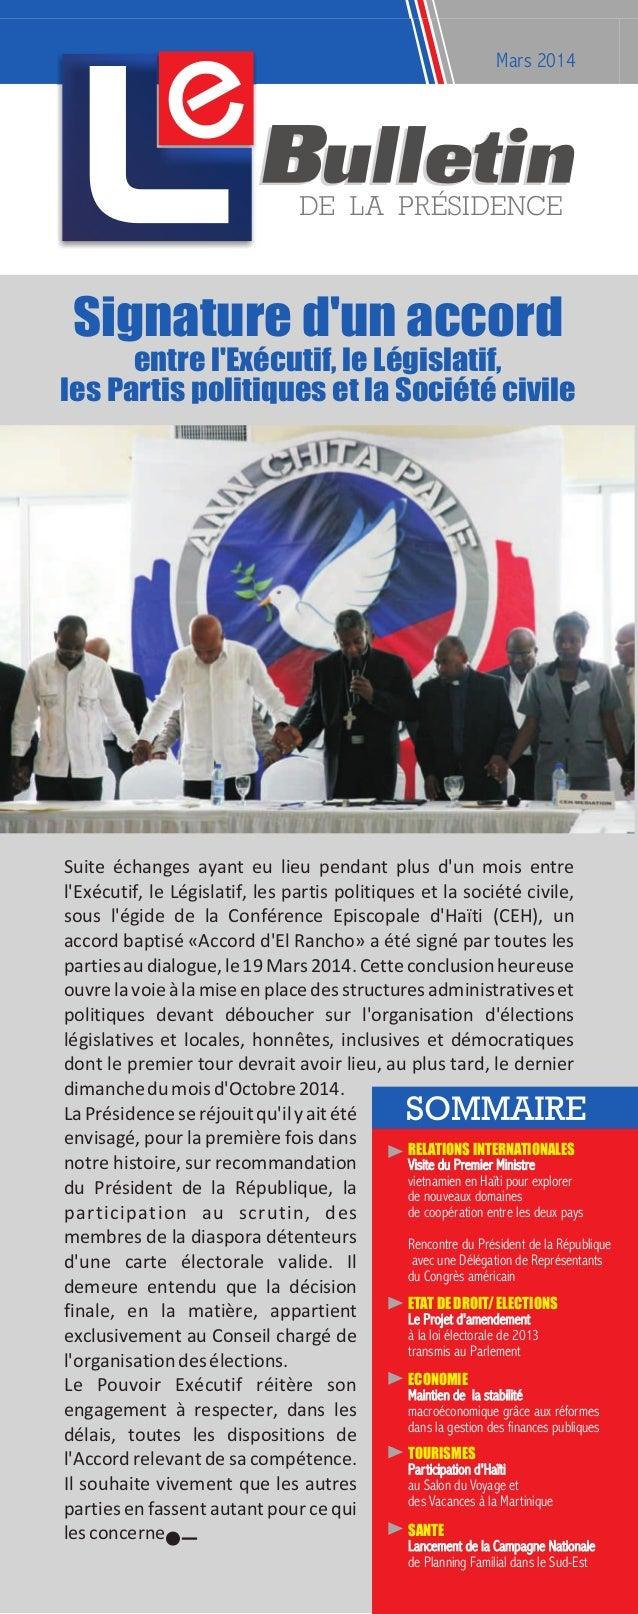 e Mars 2014 Suite échanges ayant eu lieu pendant plus d'un mois entre l'Exécutif, le Législatif, les partis politiques et ...